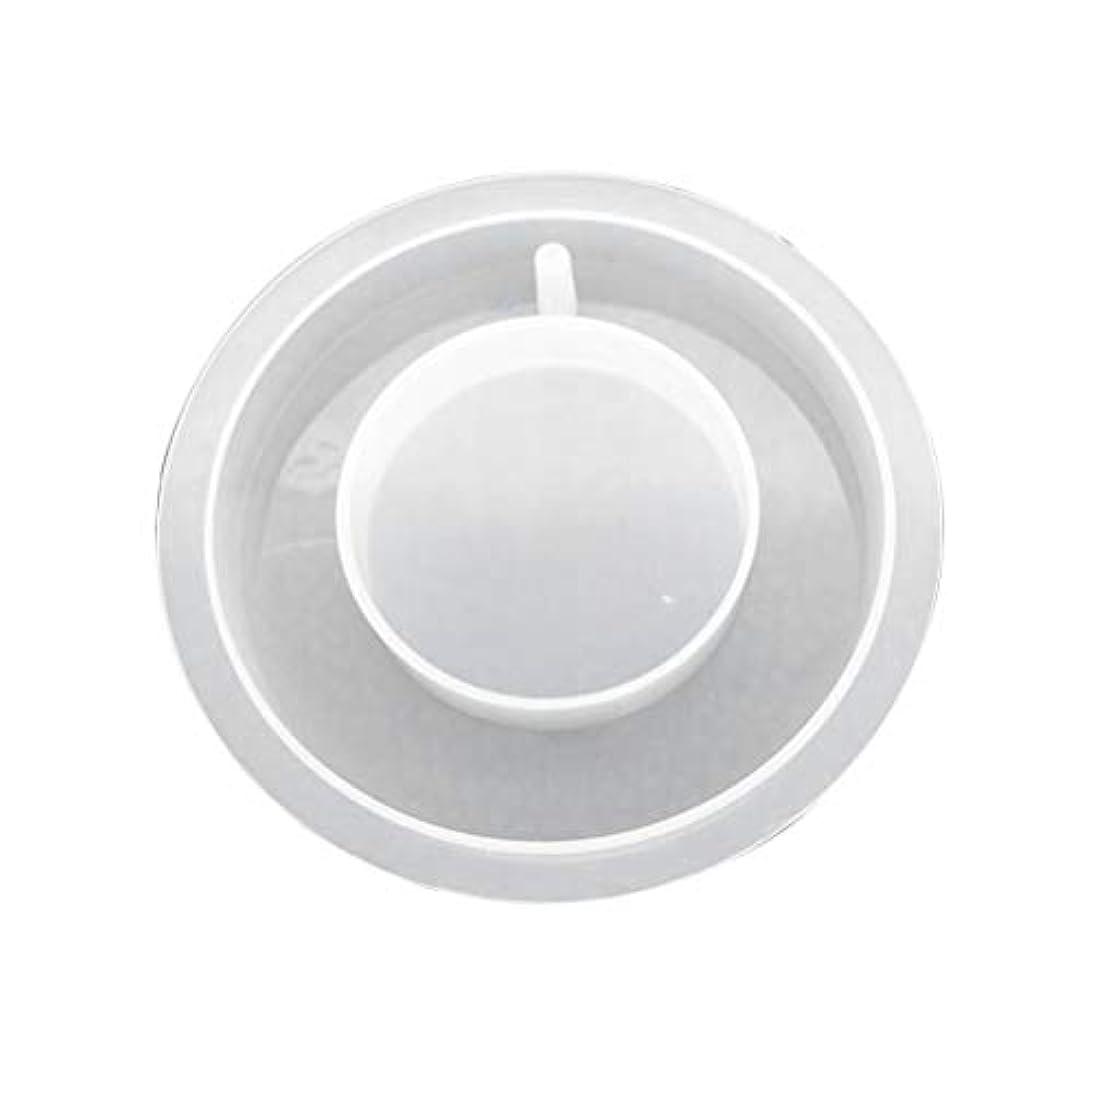 楕円形批判的食事SUPVOX 樹脂シリコーンリング形状ペンダントクリスタルエポキシ金型でぶら下げ穴石鹸キャンドル用diyギフトジュエリーネックレスペンダント作り